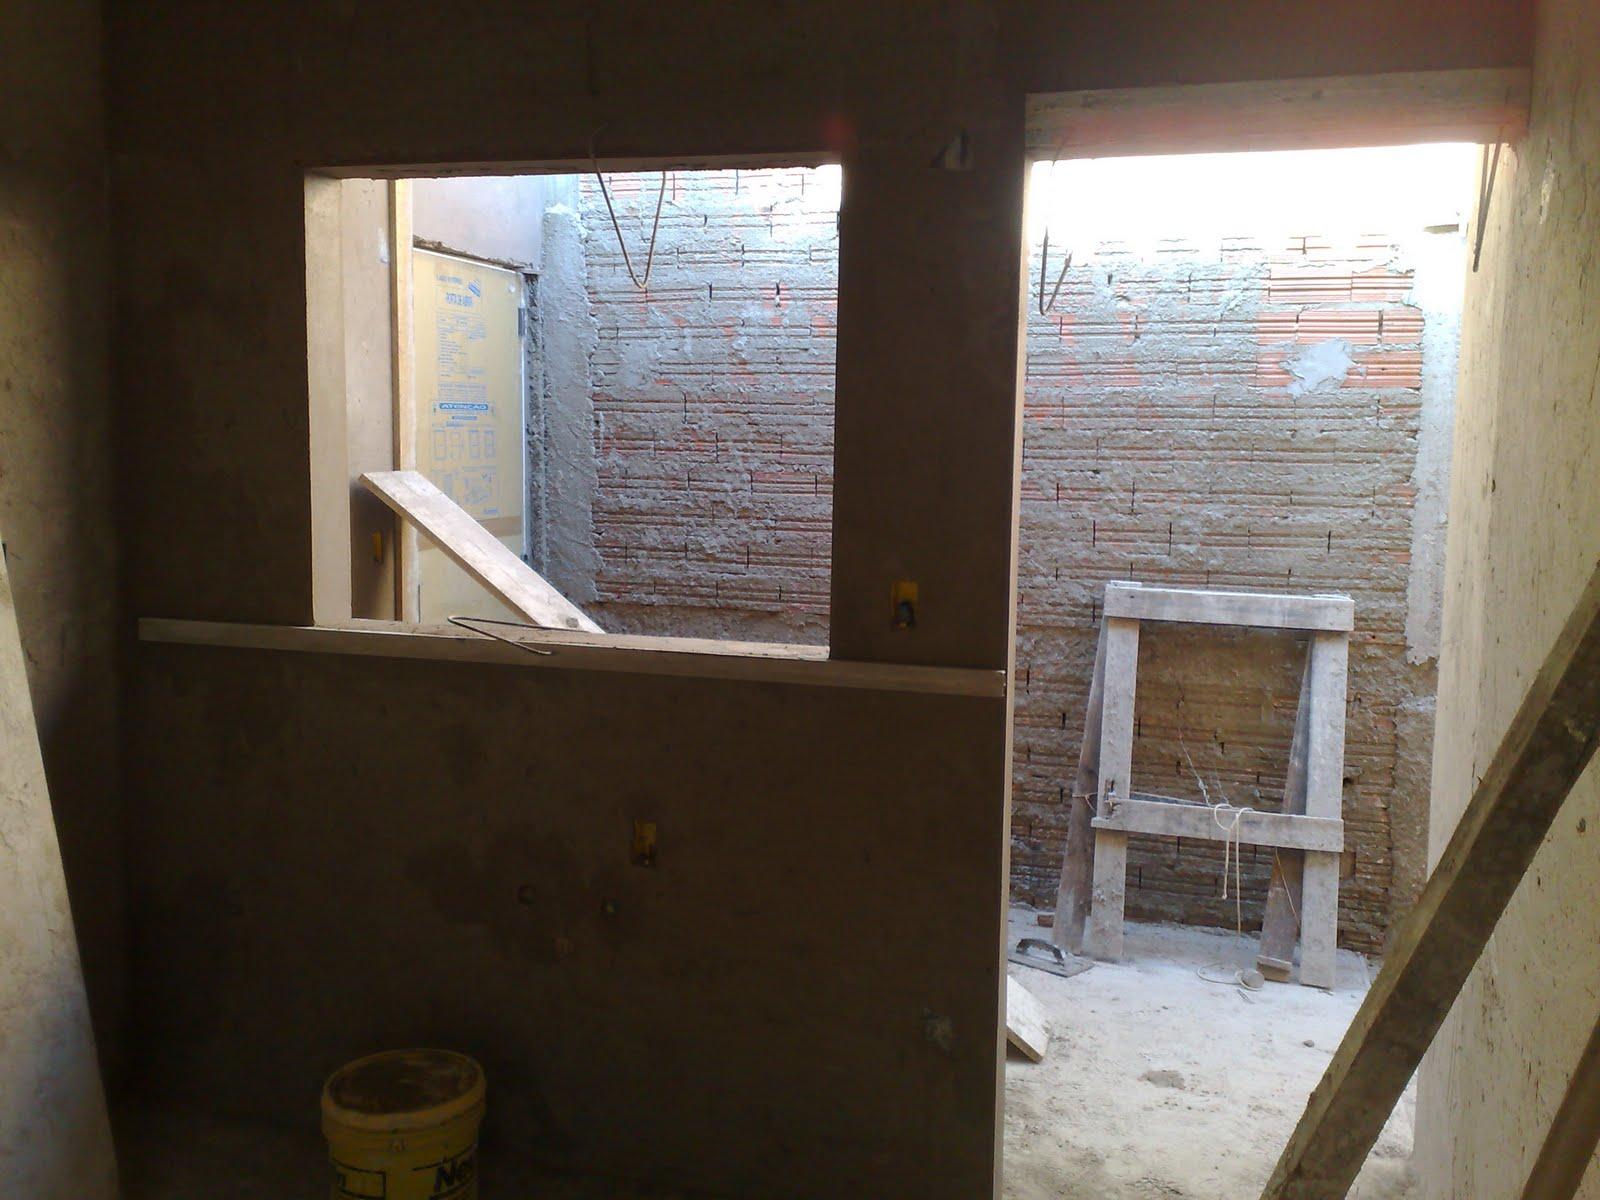 #2C2015 Passo a passo da construção da minha primeira casa: Junho 2011 4390 Janela Aluminio Lavanderia